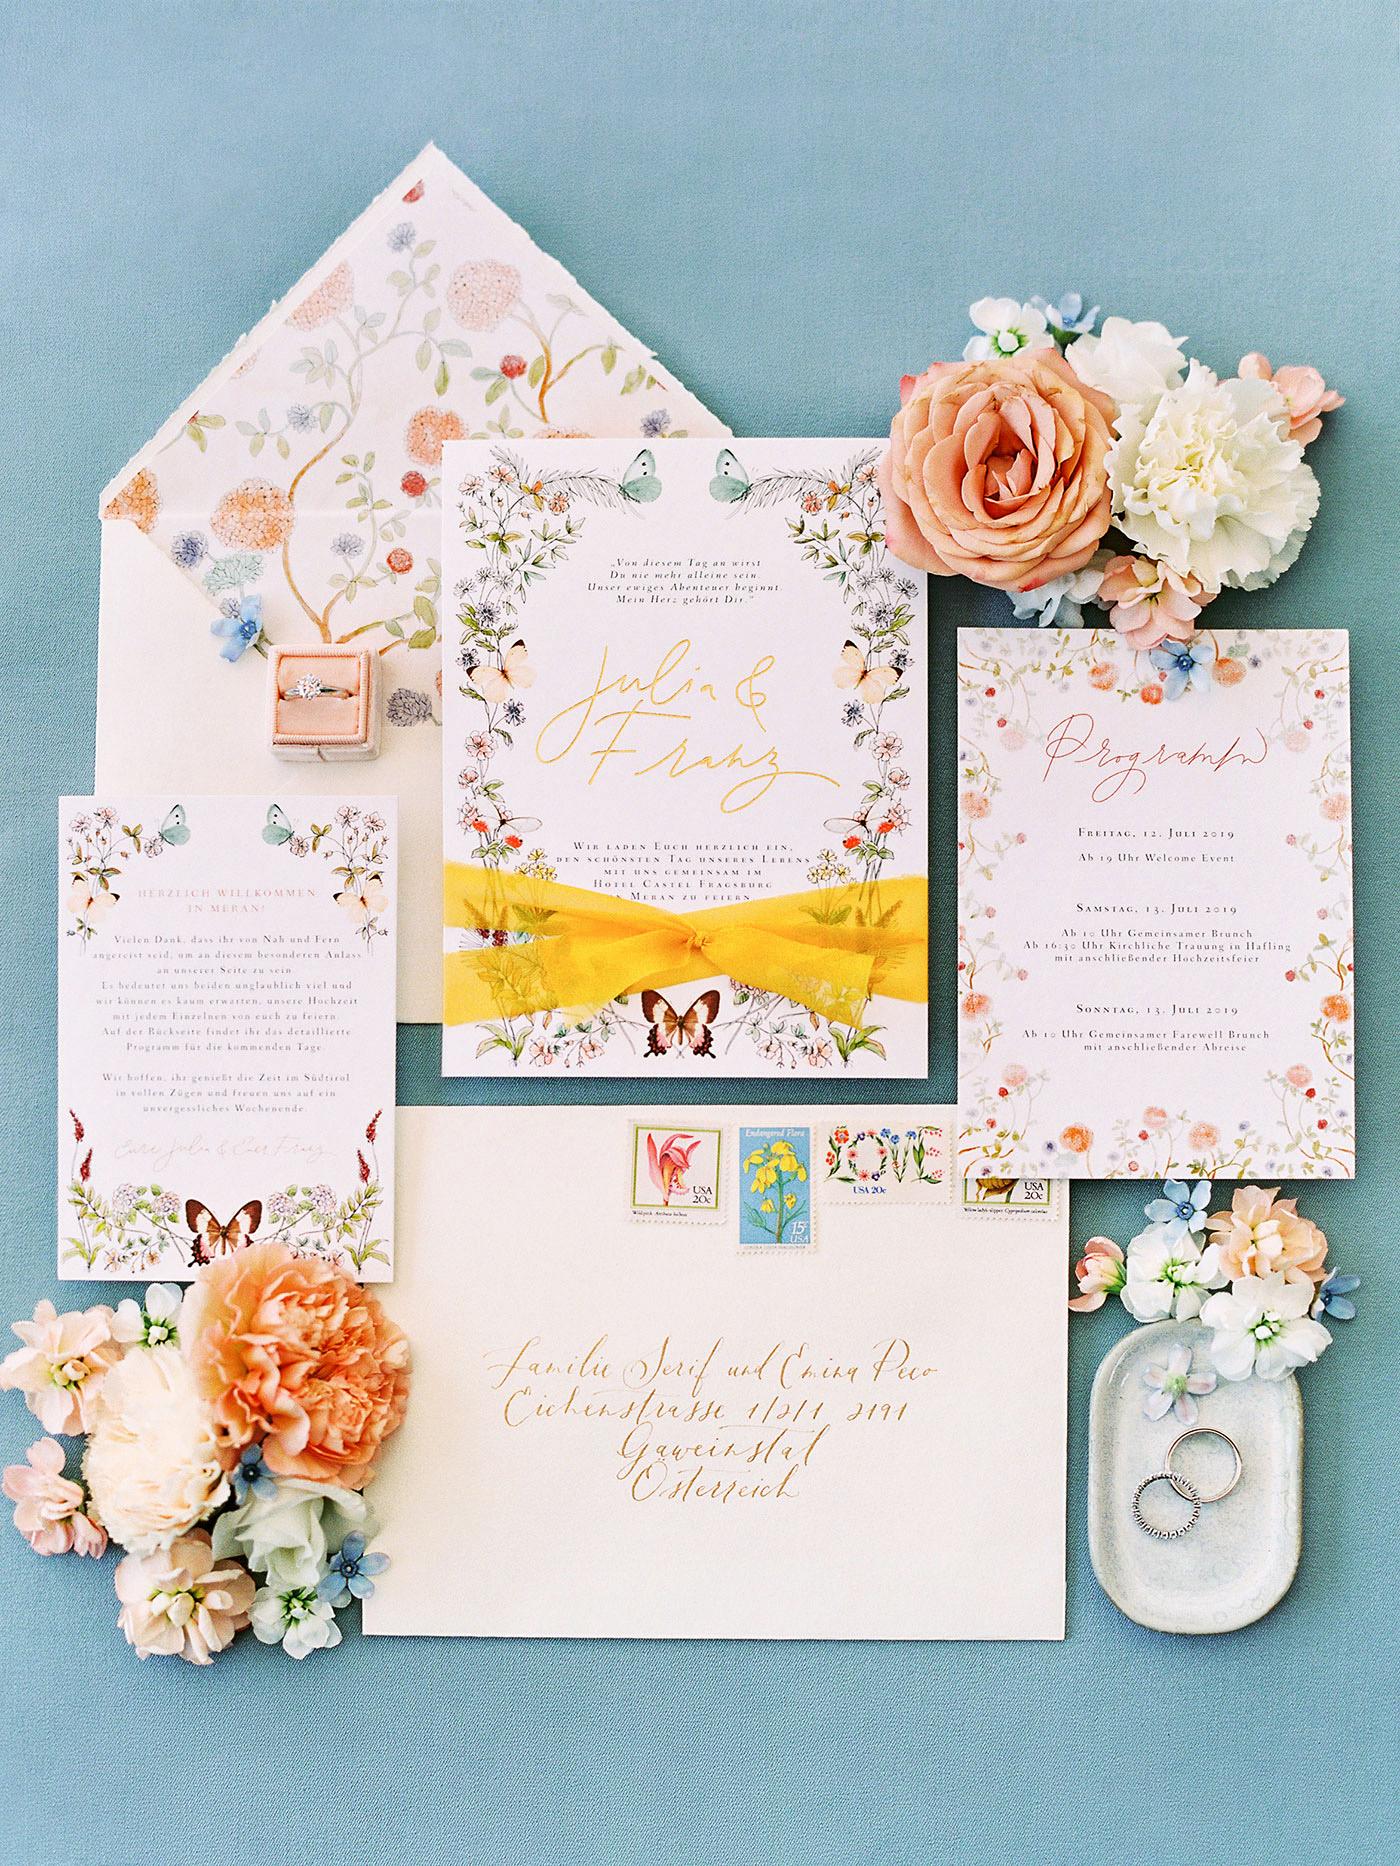 julia franz wedding invites stationery